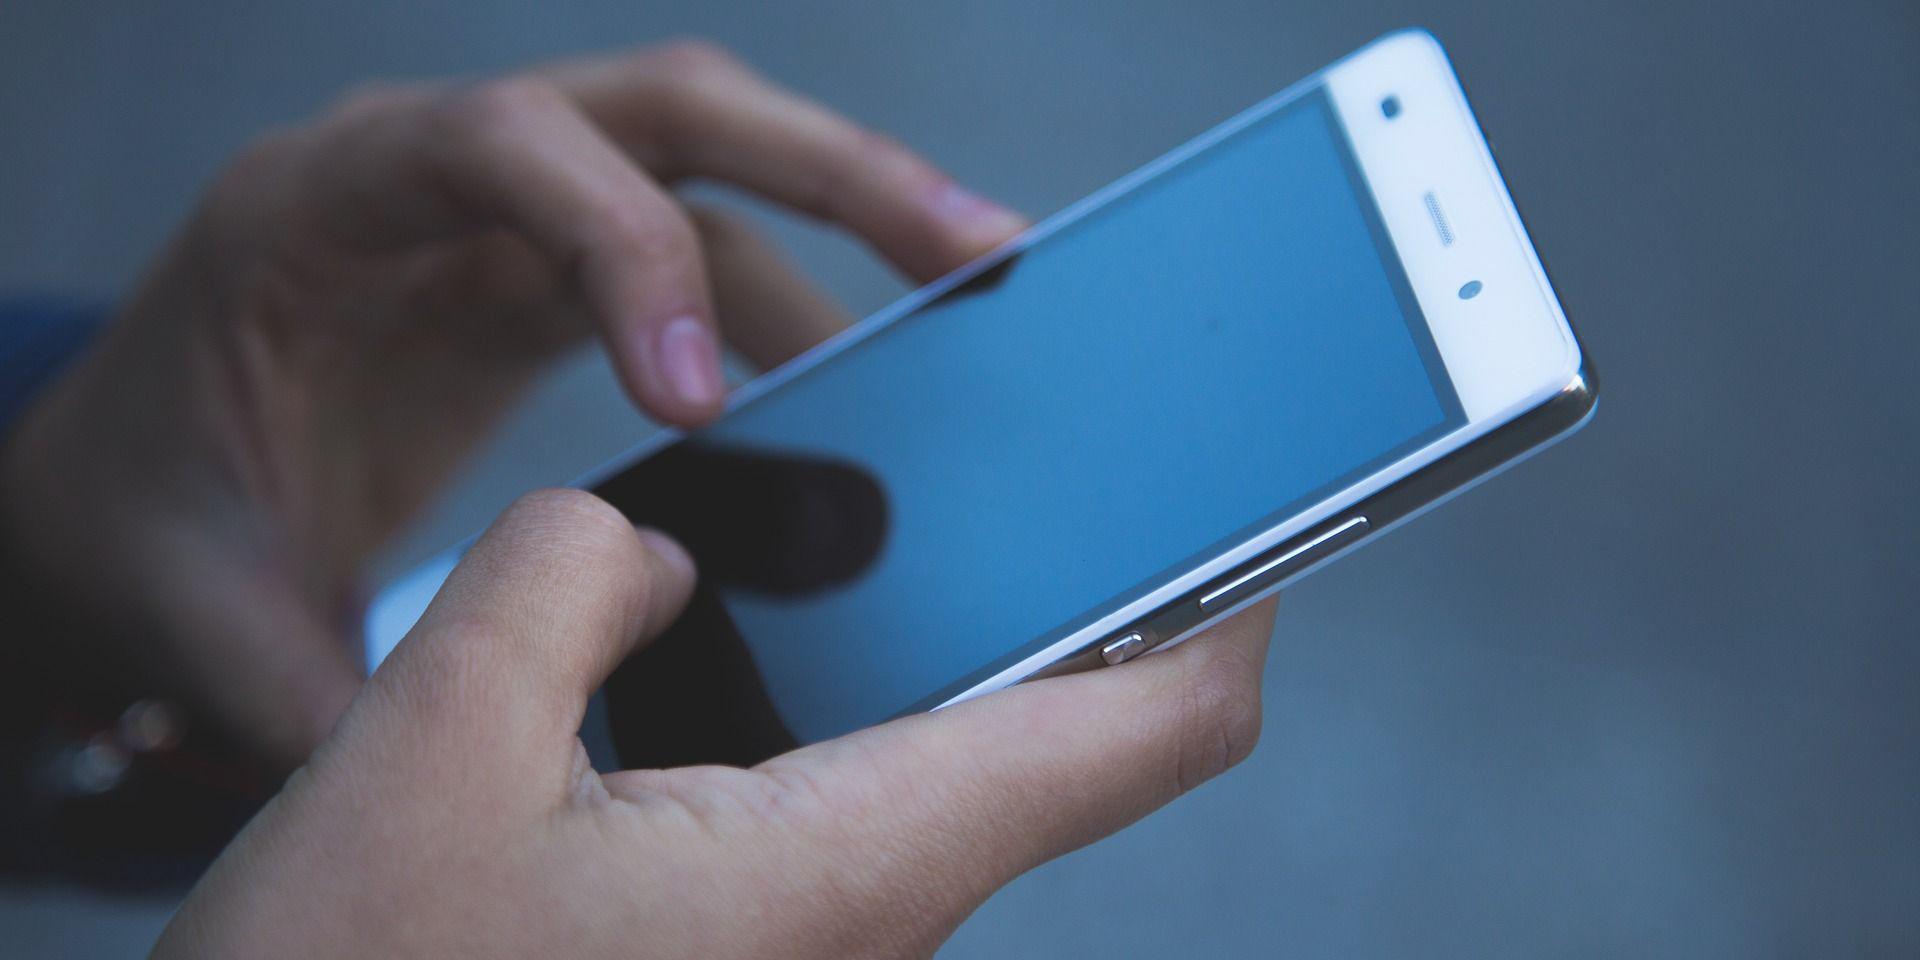 Lär dig mer hur du kan använda din iPhone/Samsung